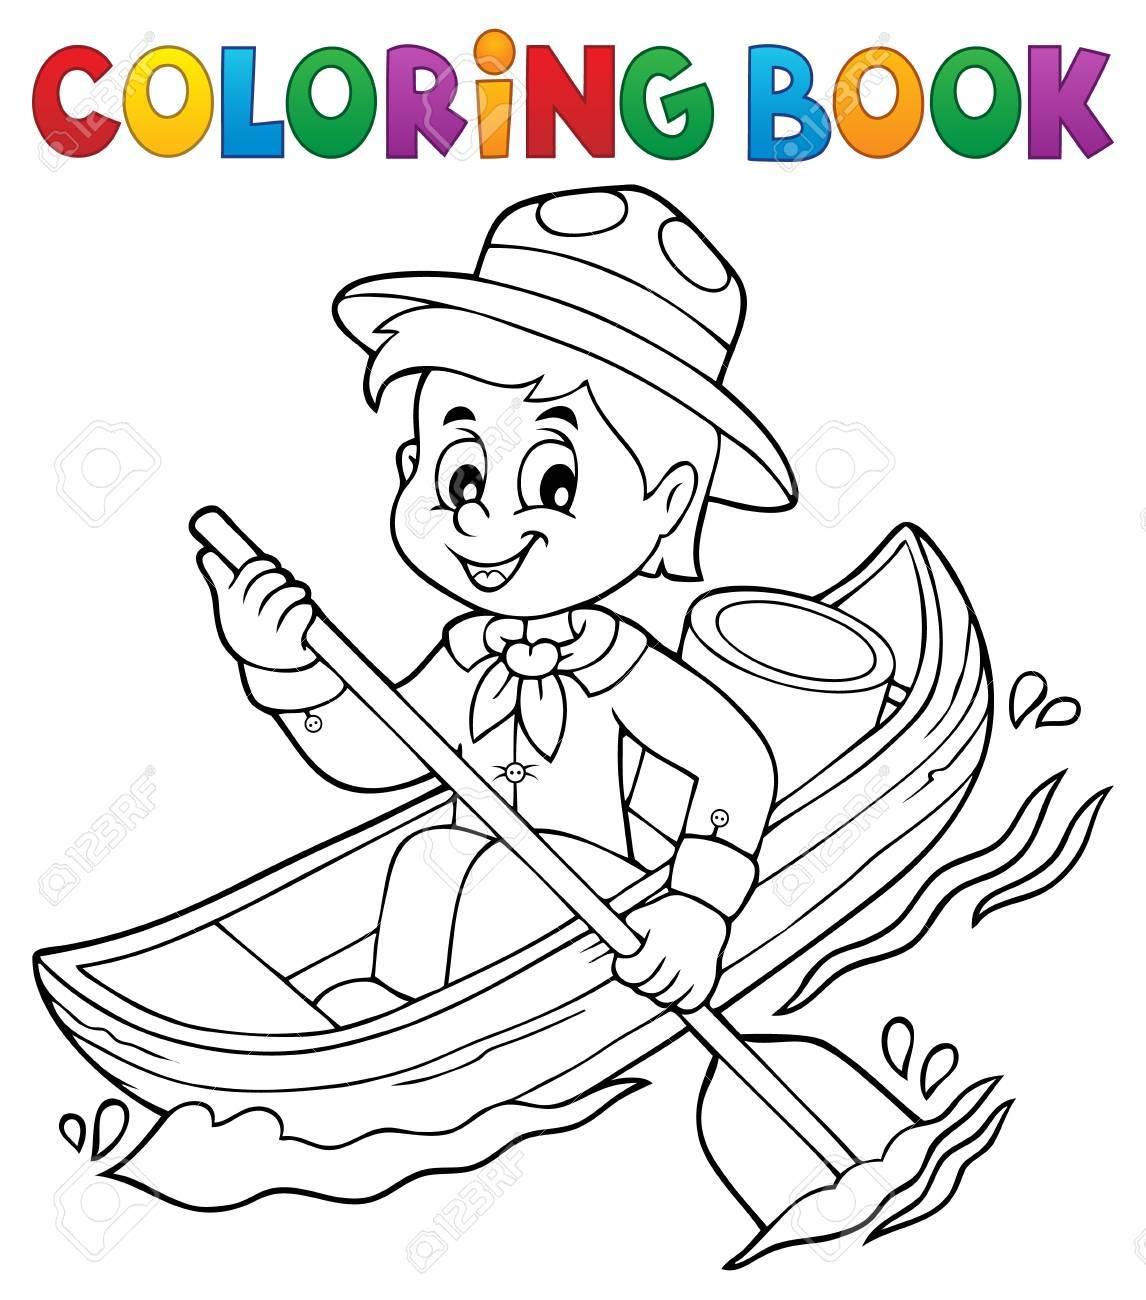 Dibujo Para Colorear Water Scout Boy Tema 1 - Eps10 Ilustración ...